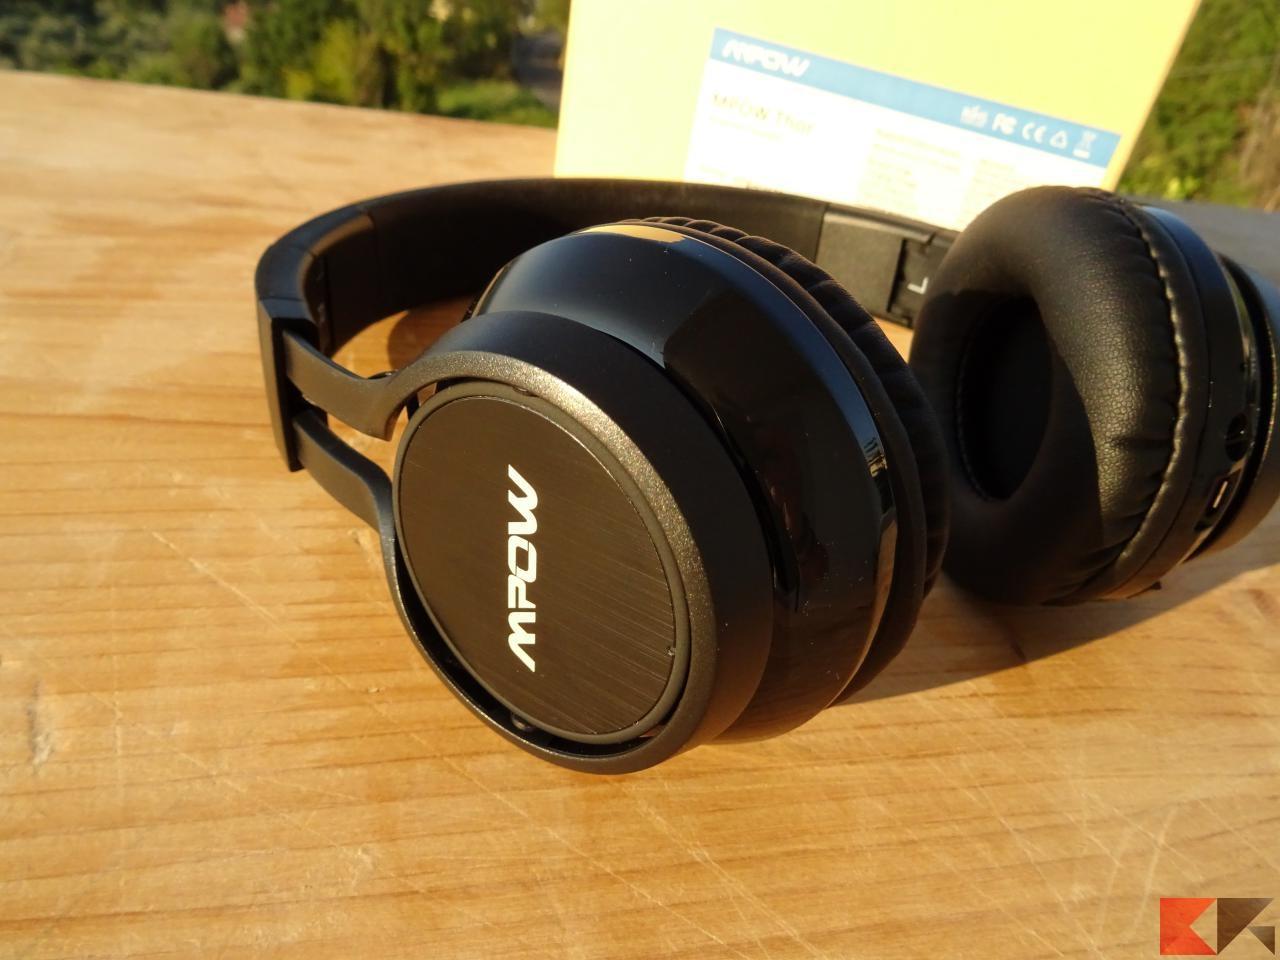 Mpow Thor  cuffie Bluetooth economiche e senza fronzoli! - ChimeraRevo e4c7f5f573e6